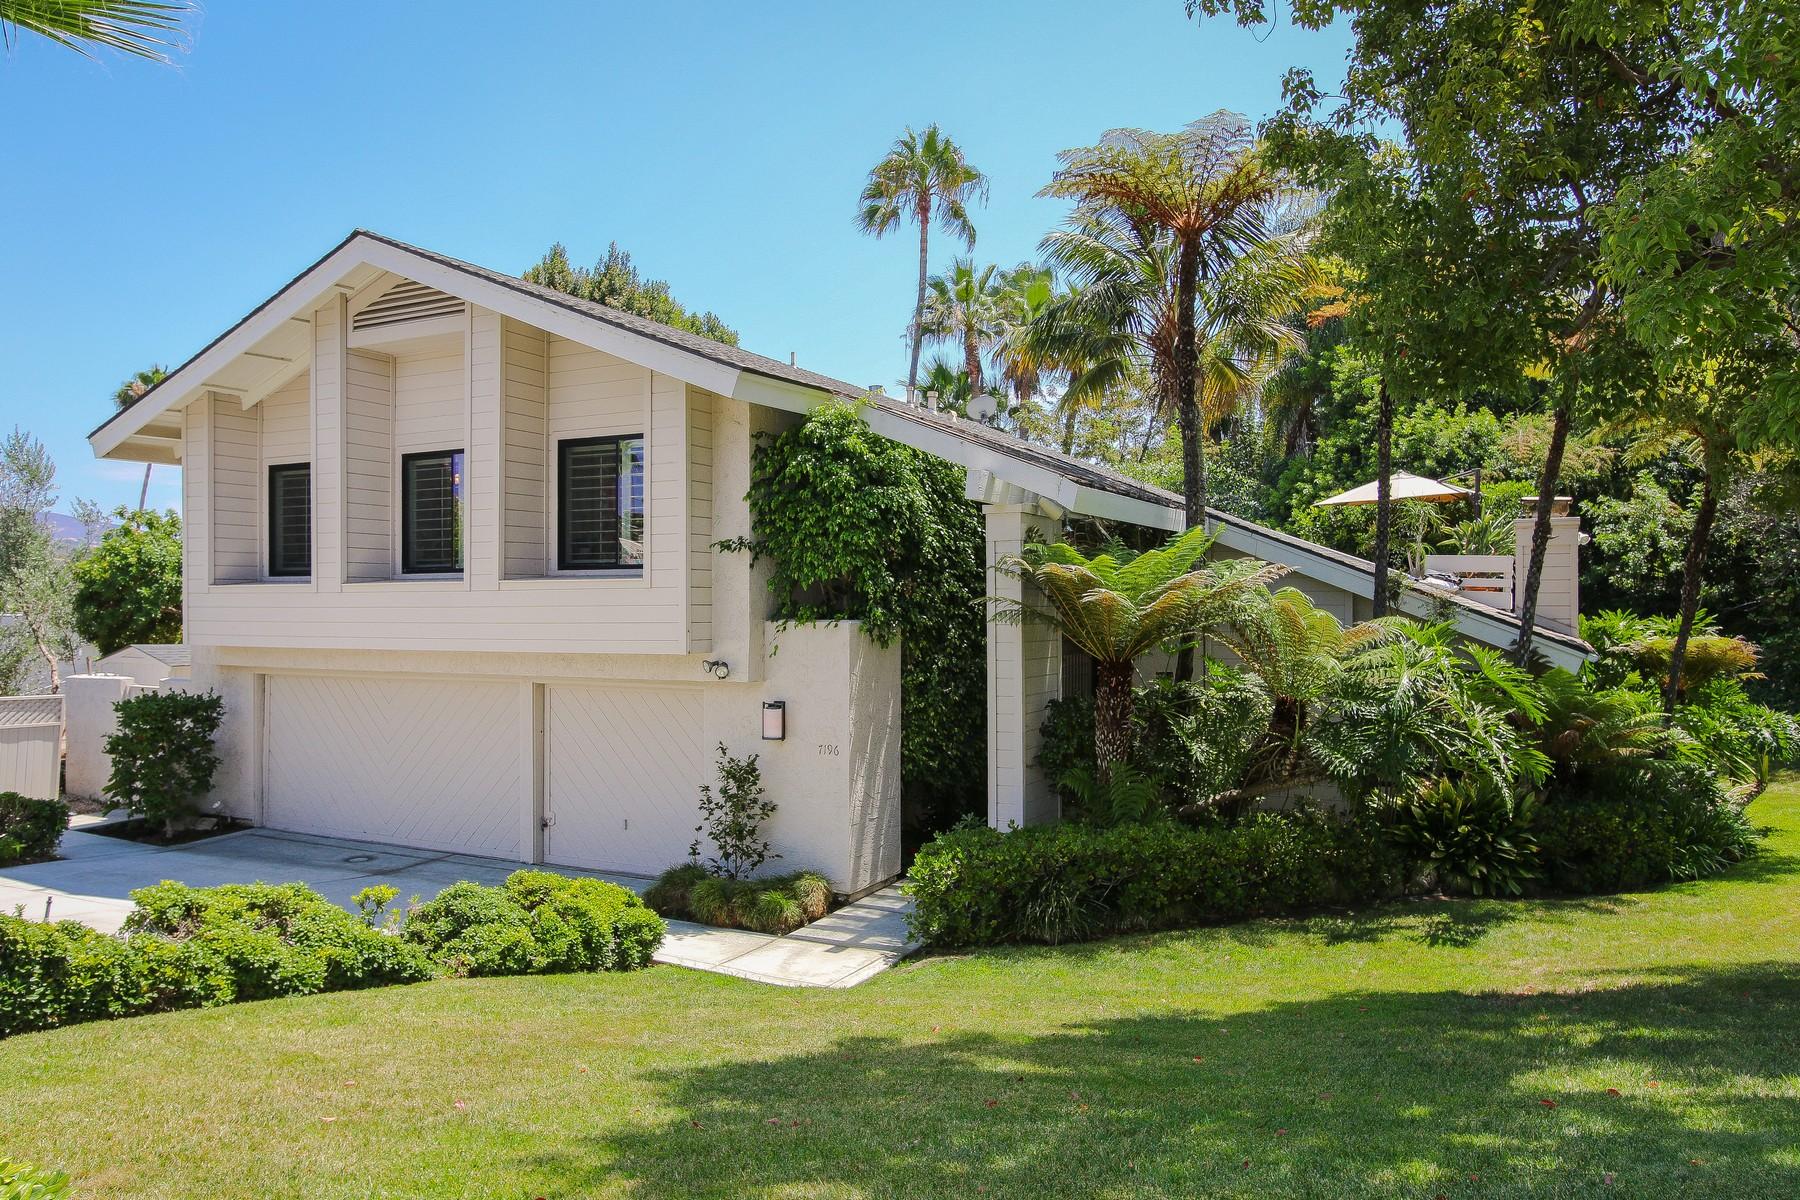 一戸建て のために 売買 アット 7196 Estrella De Mar Carlsbad, カリフォルニア, 92009 アメリカ合衆国